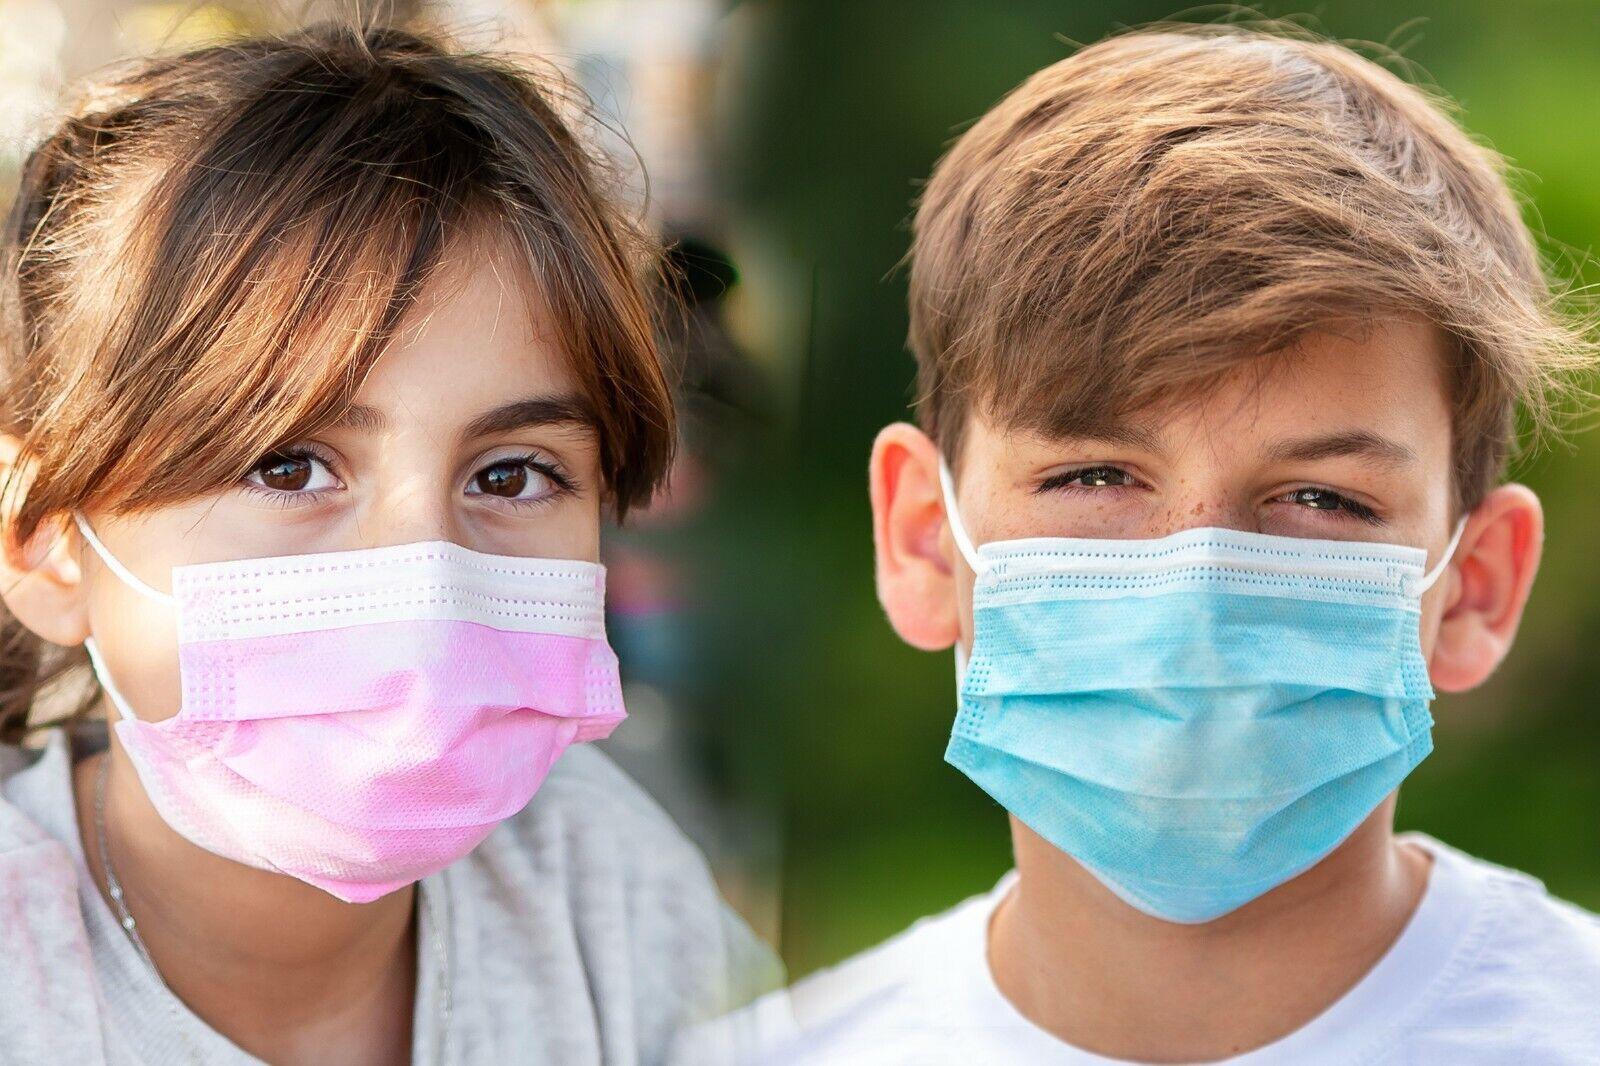 100x Masken Kinder Mund-Nasen-Schutz 3-lagig Mundschutz Gesichtsmaske OP CE